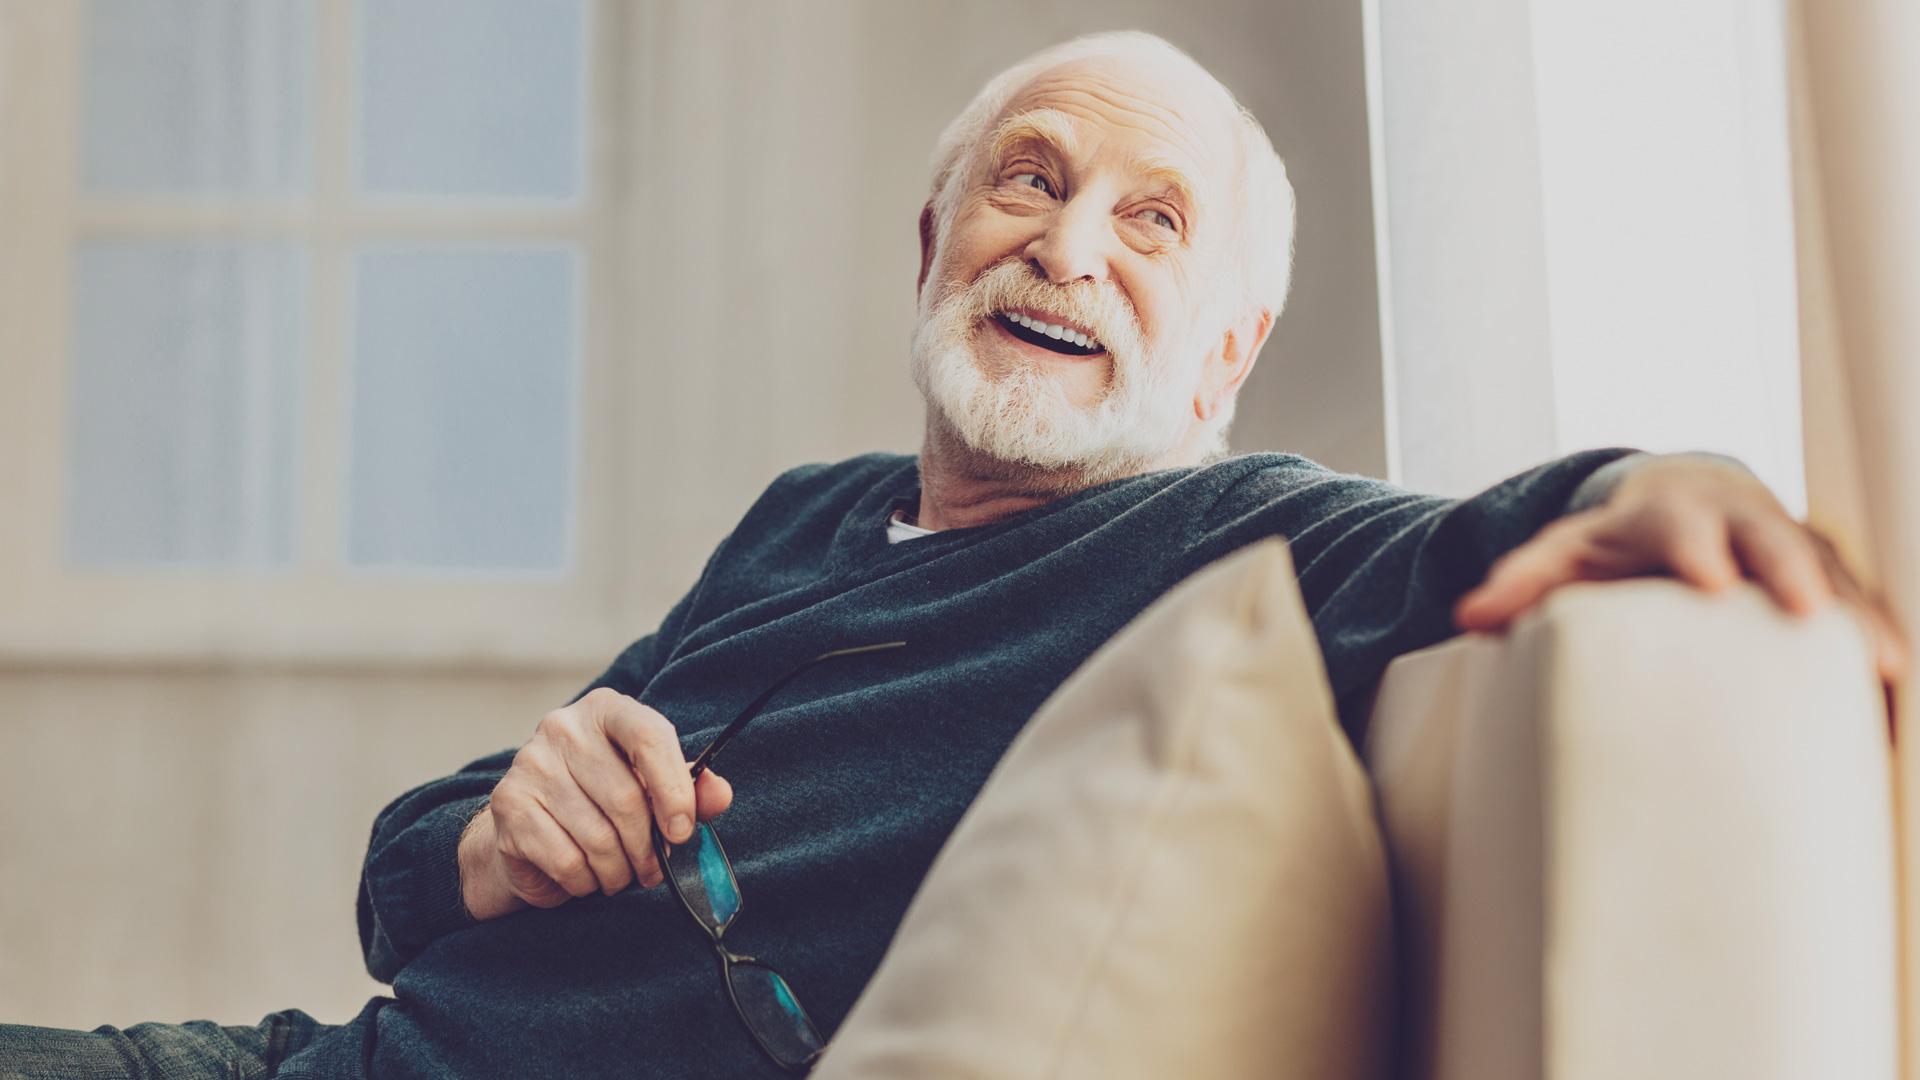 Avoir une bonne mutuelle senior après 70 ans est primordial pour plus de confort au quotidien